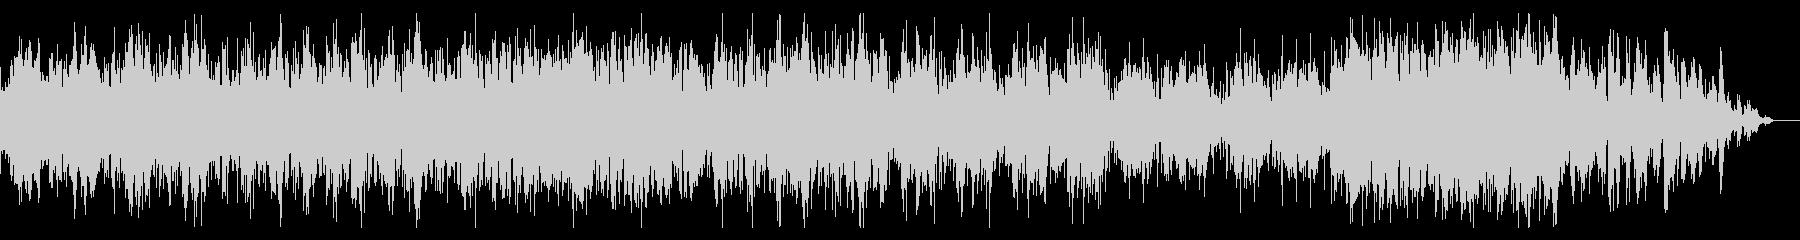 シンセティックなシネマティックBGMの未再生の波形